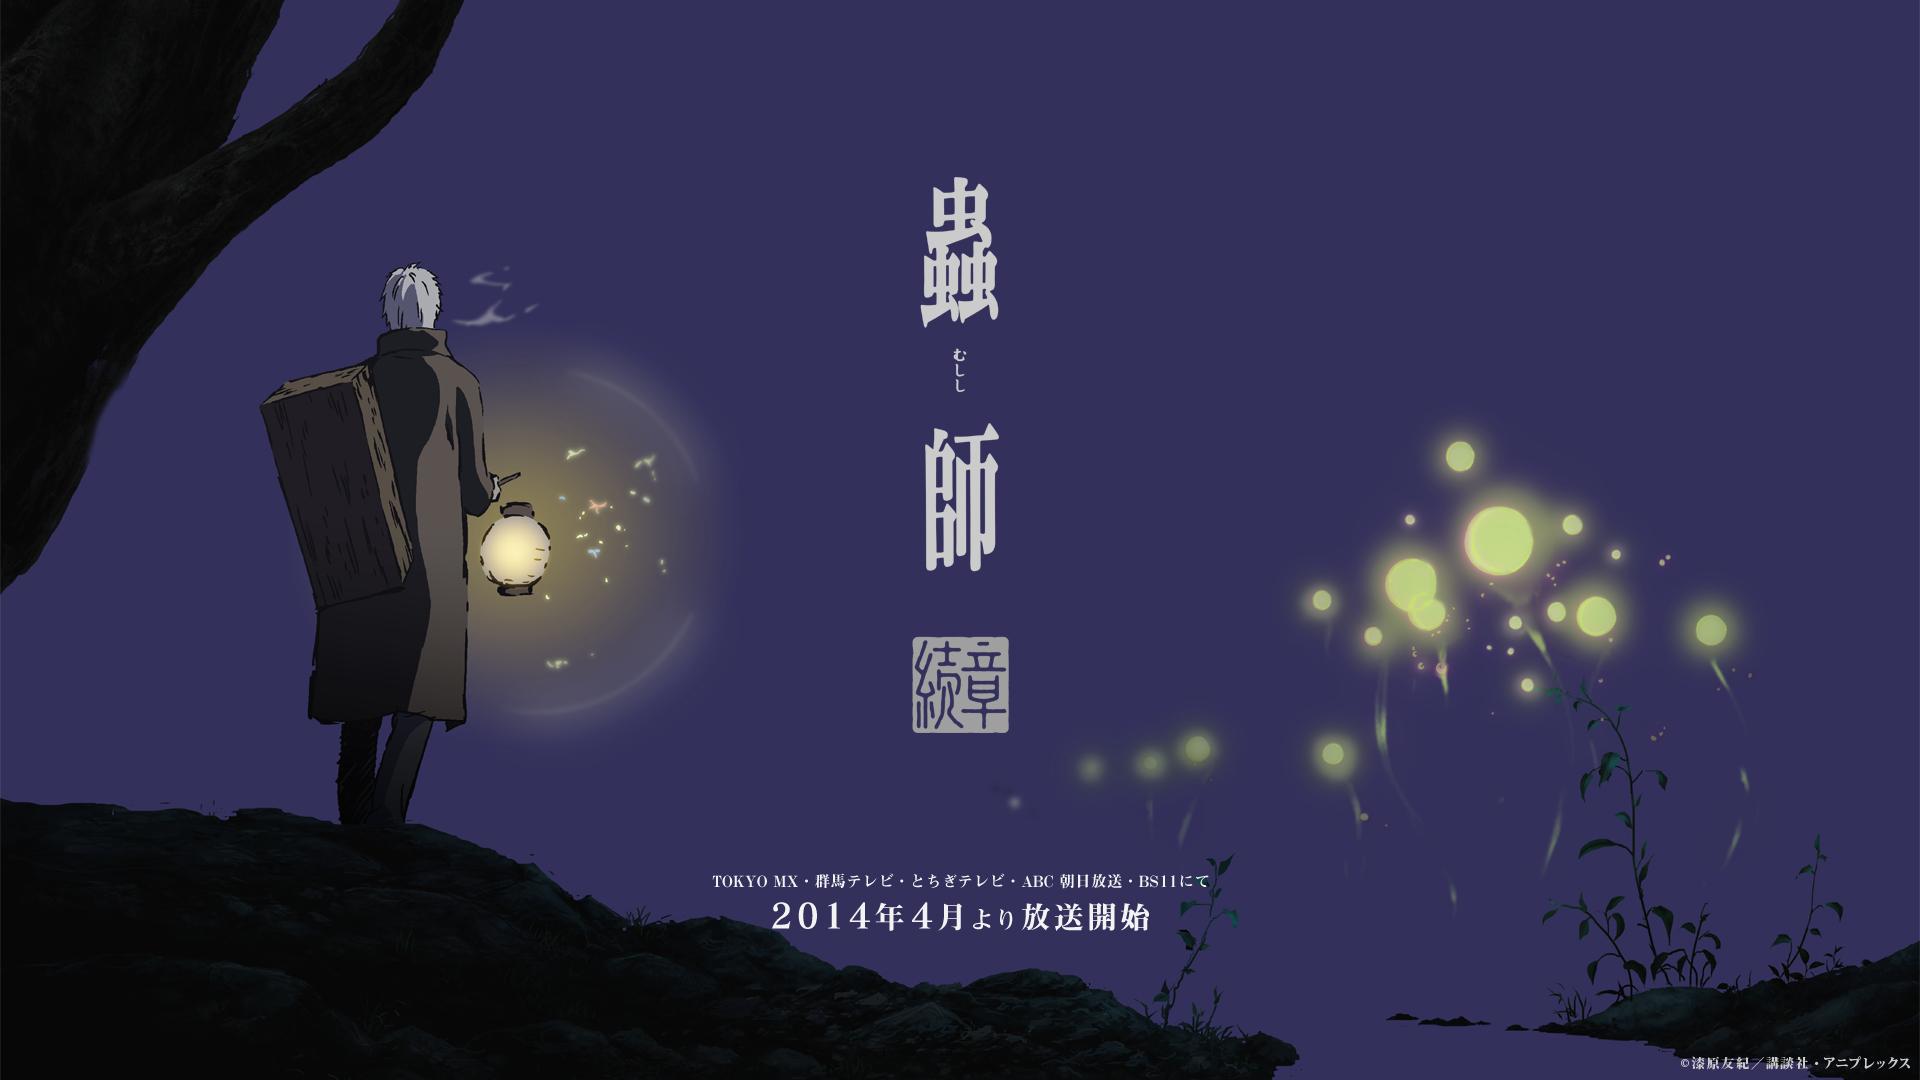 スペシャル Tvアニメ 蟲師 続章 公式サイト